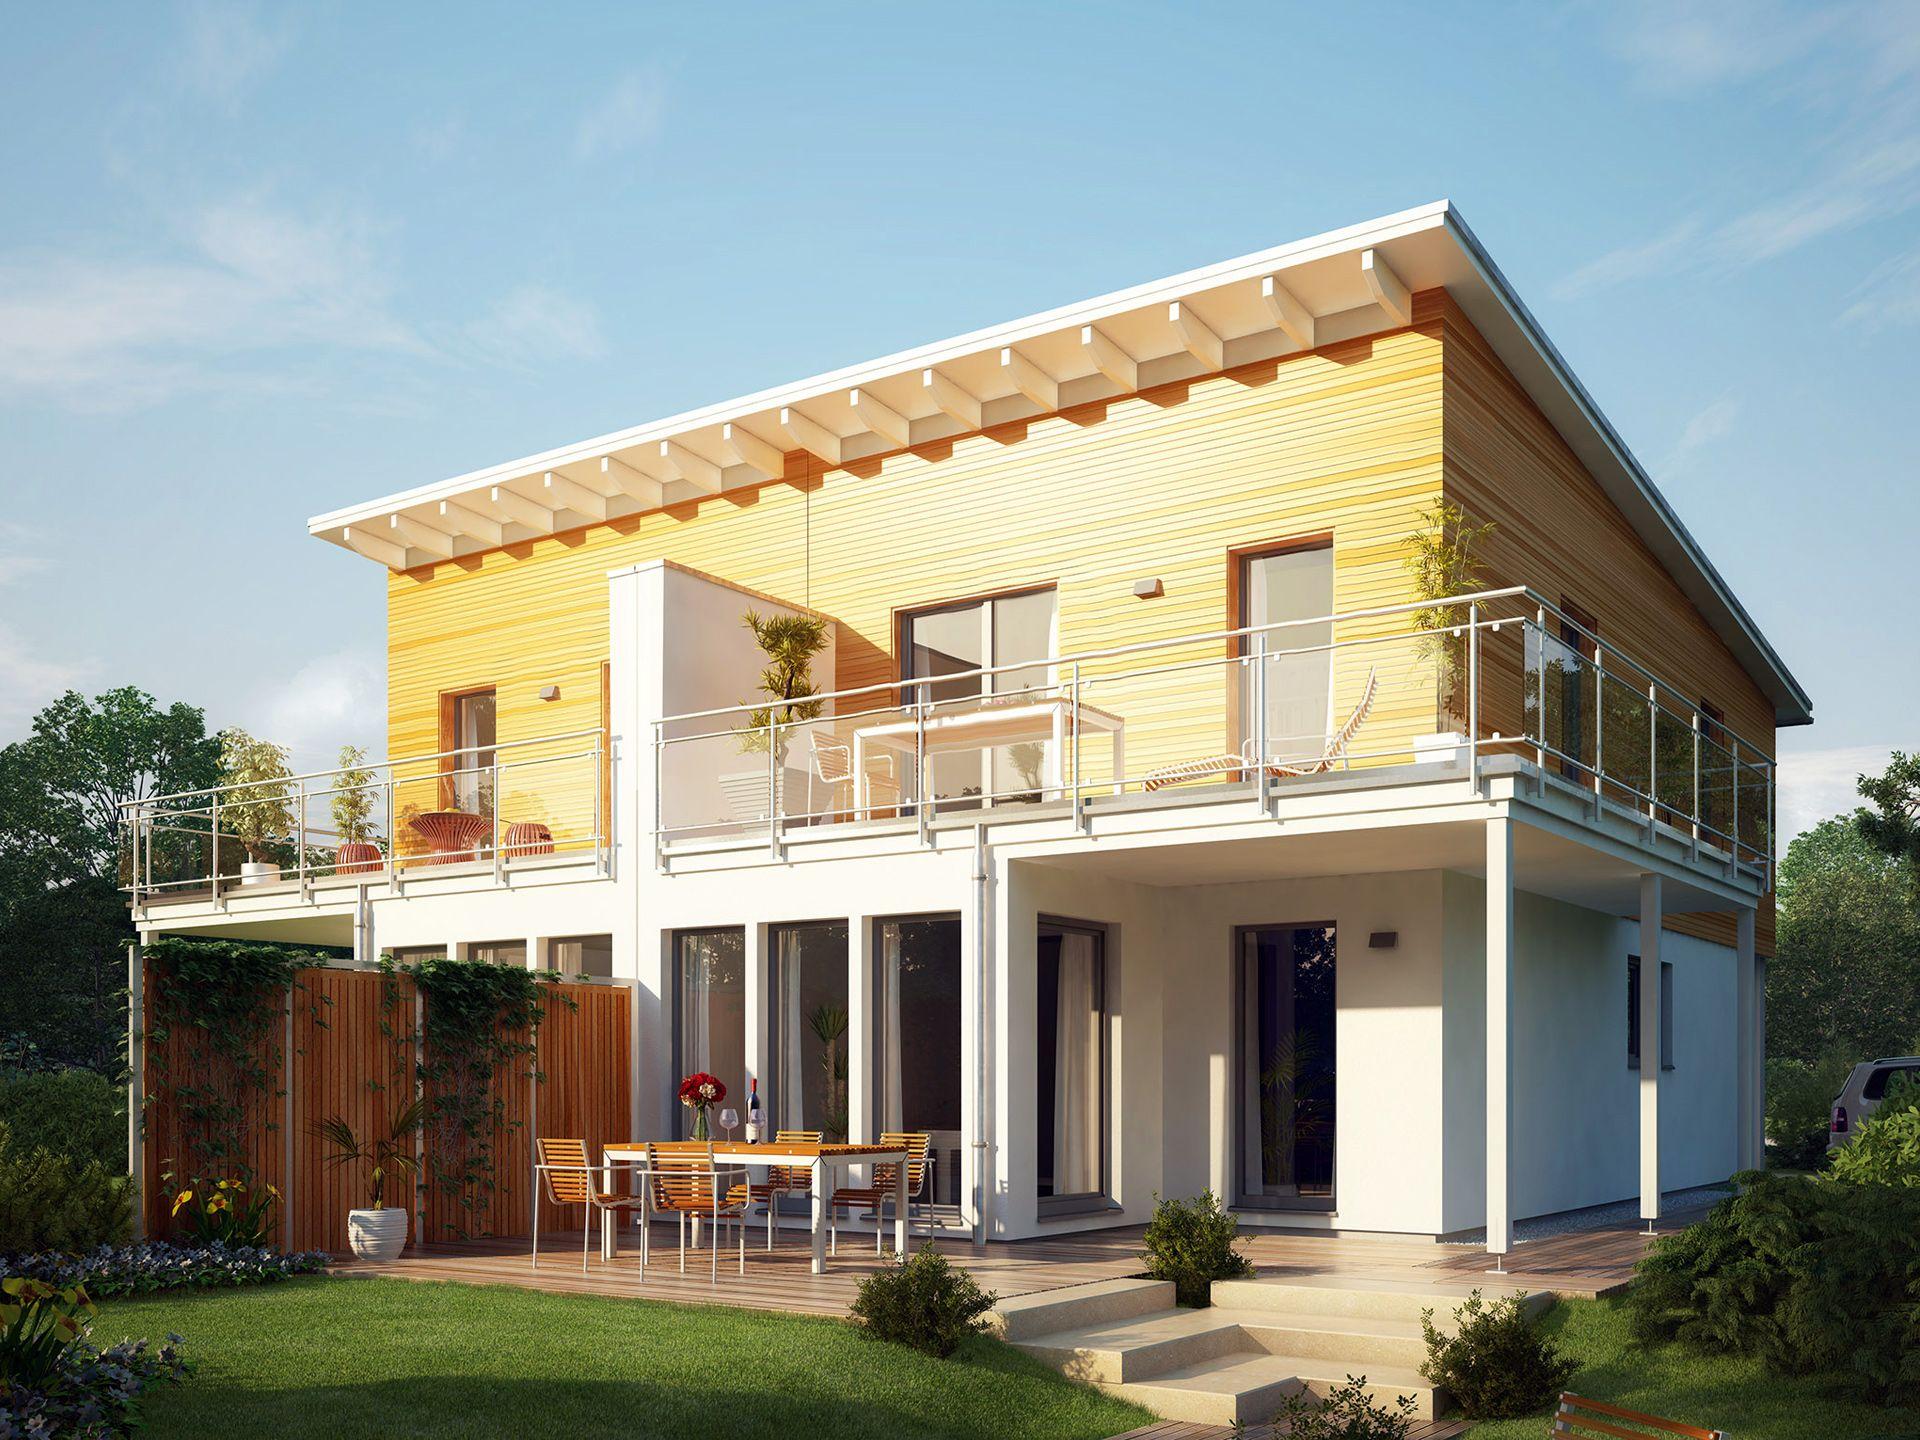 celebration 110 v5 l holzhaus von bien zenker traumhaftes doppelhaus mit wintergarten erker. Black Bedroom Furniture Sets. Home Design Ideas